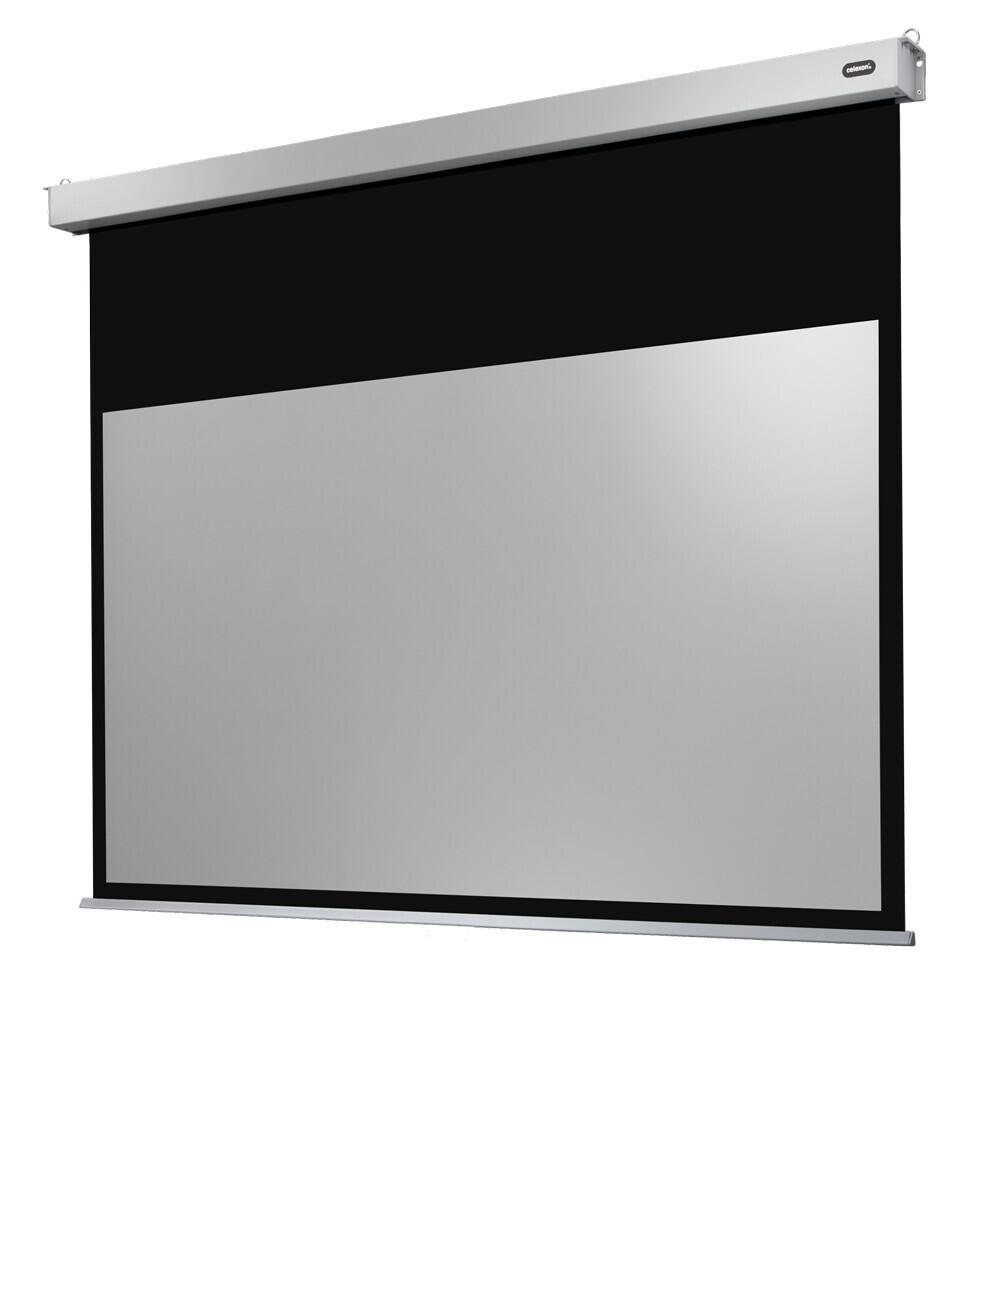 Ecran de projection celexon Motorisé PRO PLUS 300 x 169cm